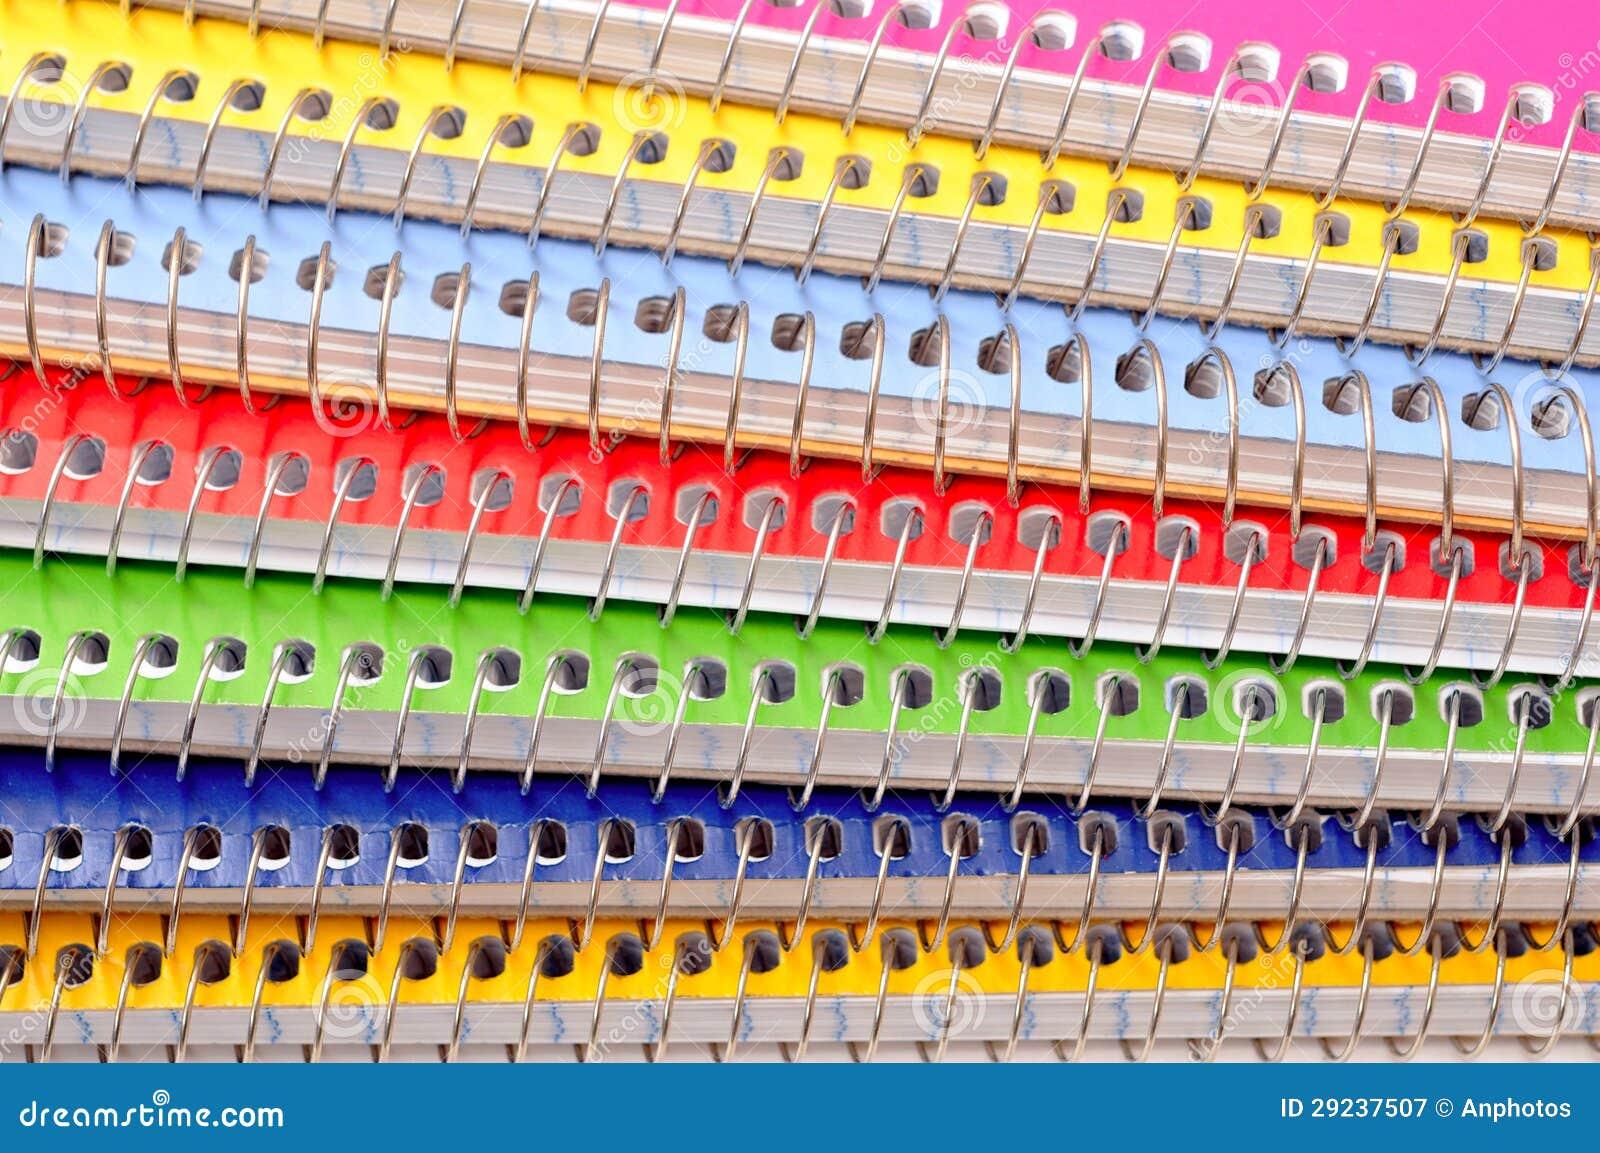 Download Cadernos coloridos imagem de stock. Imagem de papel, conhecimento - 29237507